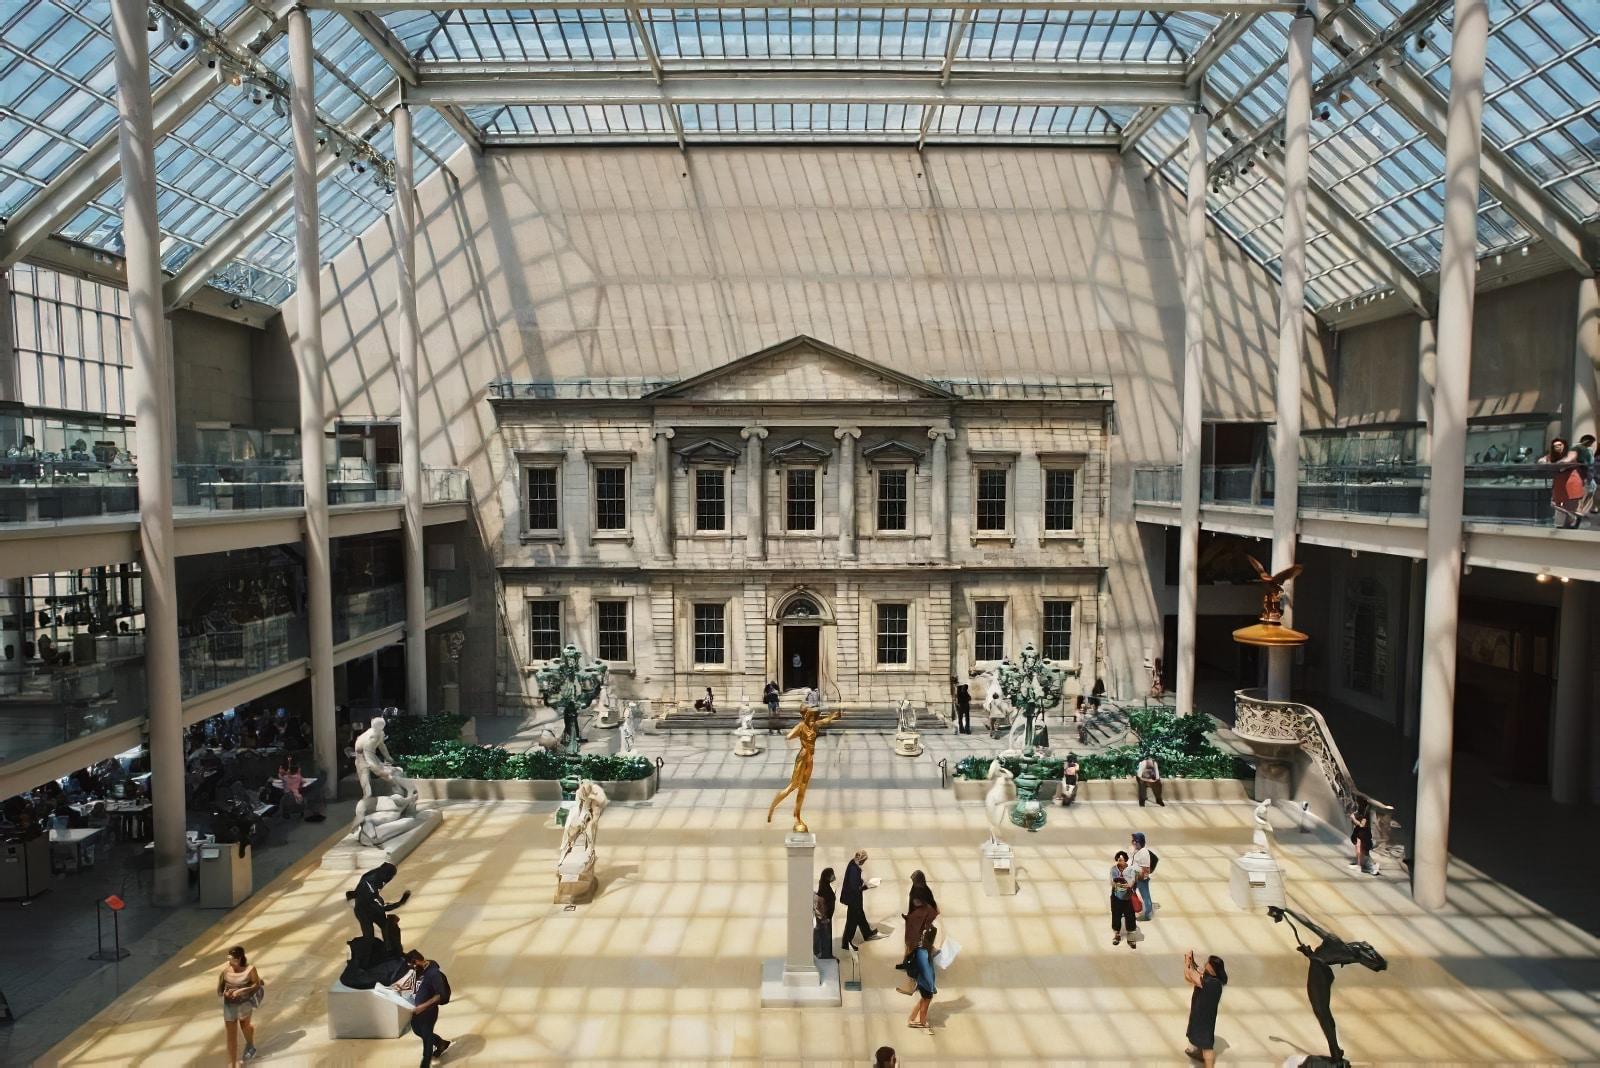 Visiter le Metropolitan Museum of Art, New York